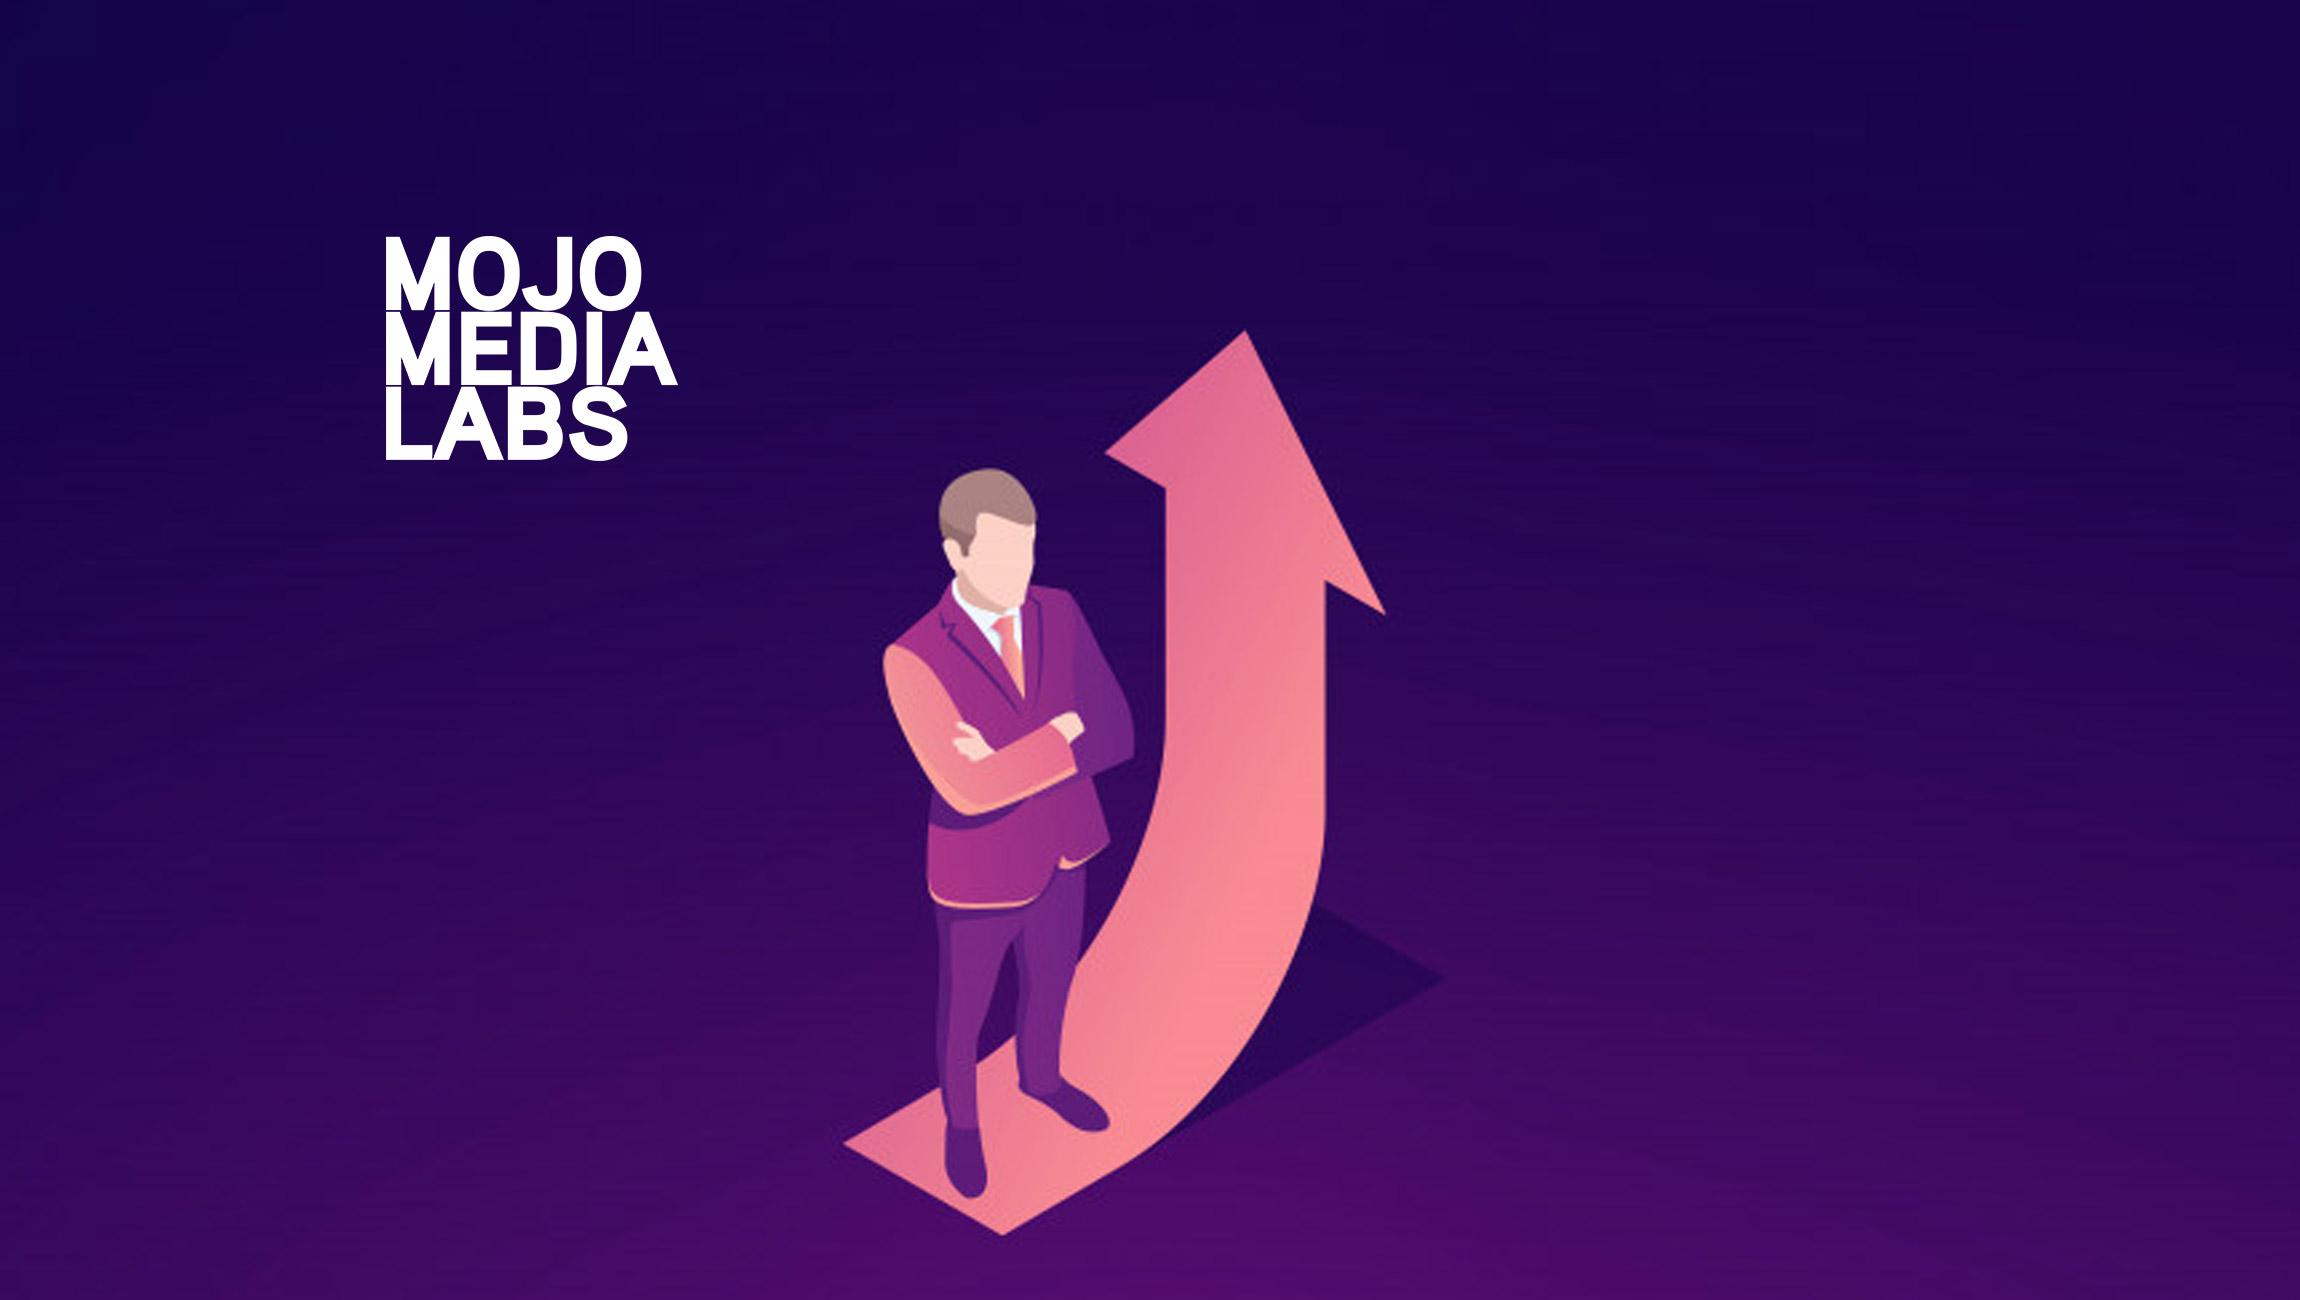 Mojo Media Labs Announces Investment in Chief Revenue Officer, Tiago Moro de Castro